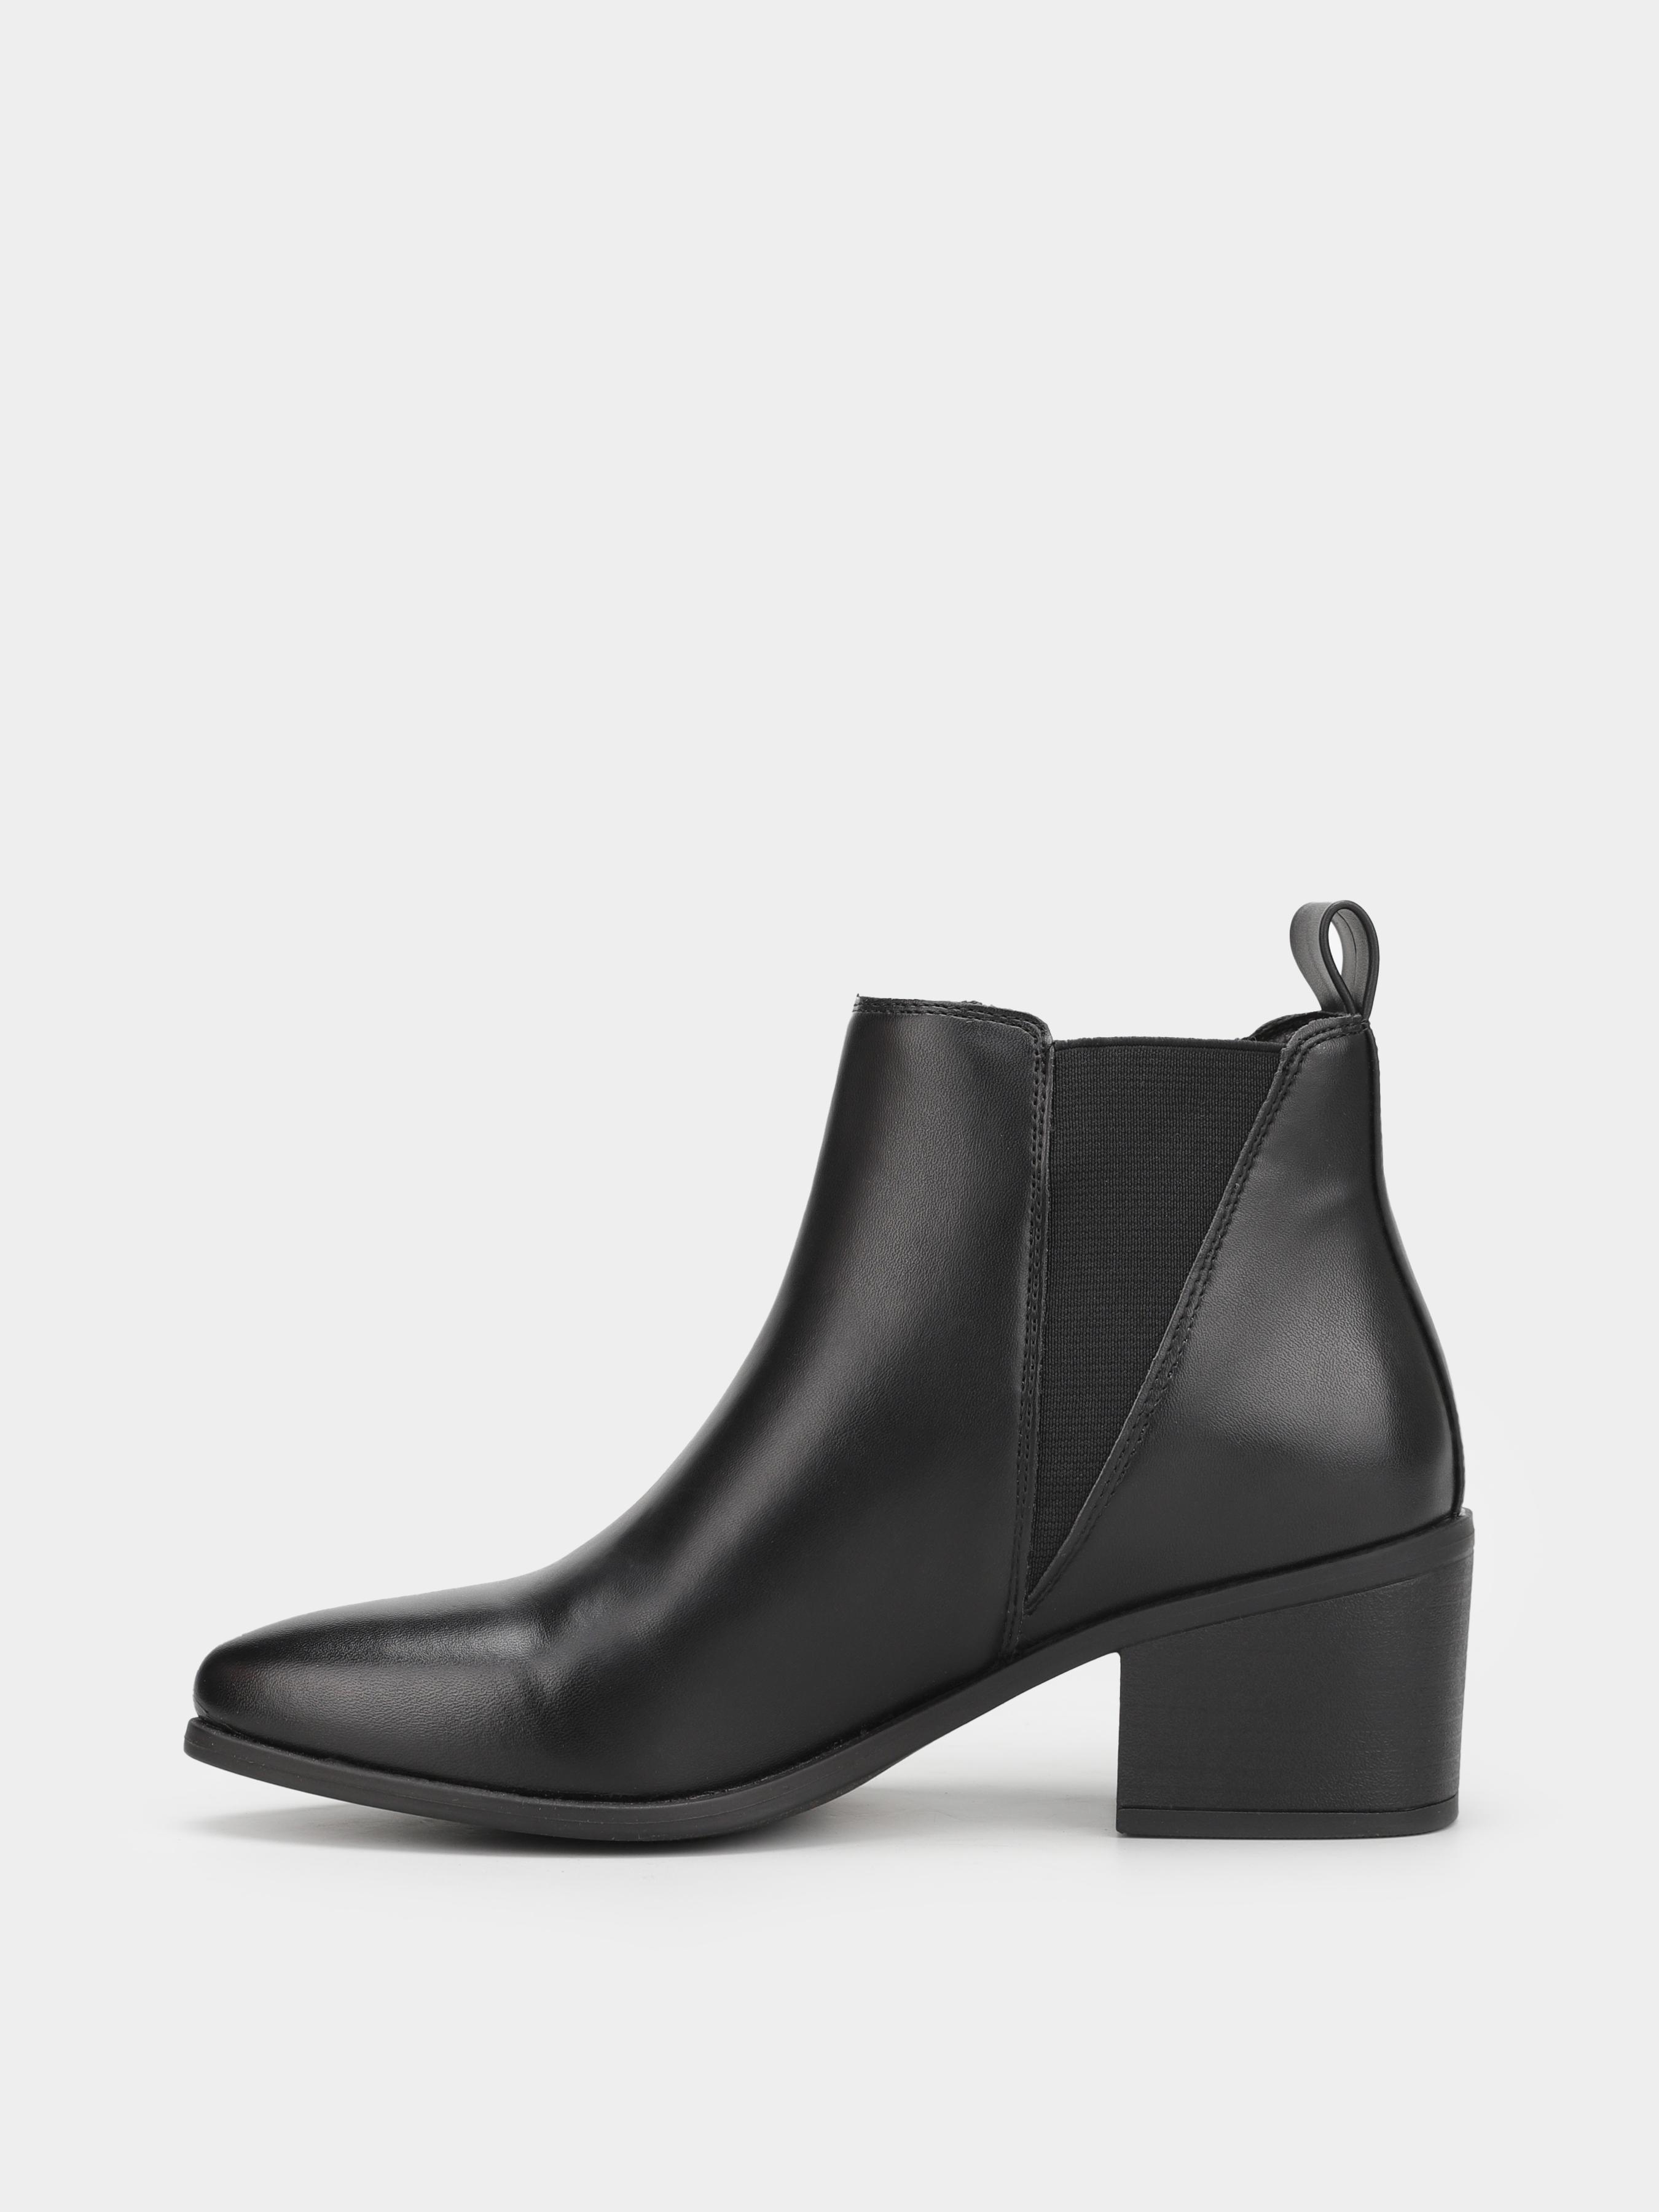 Ботинки для женщин M Wone OI134 брендовые, 2017